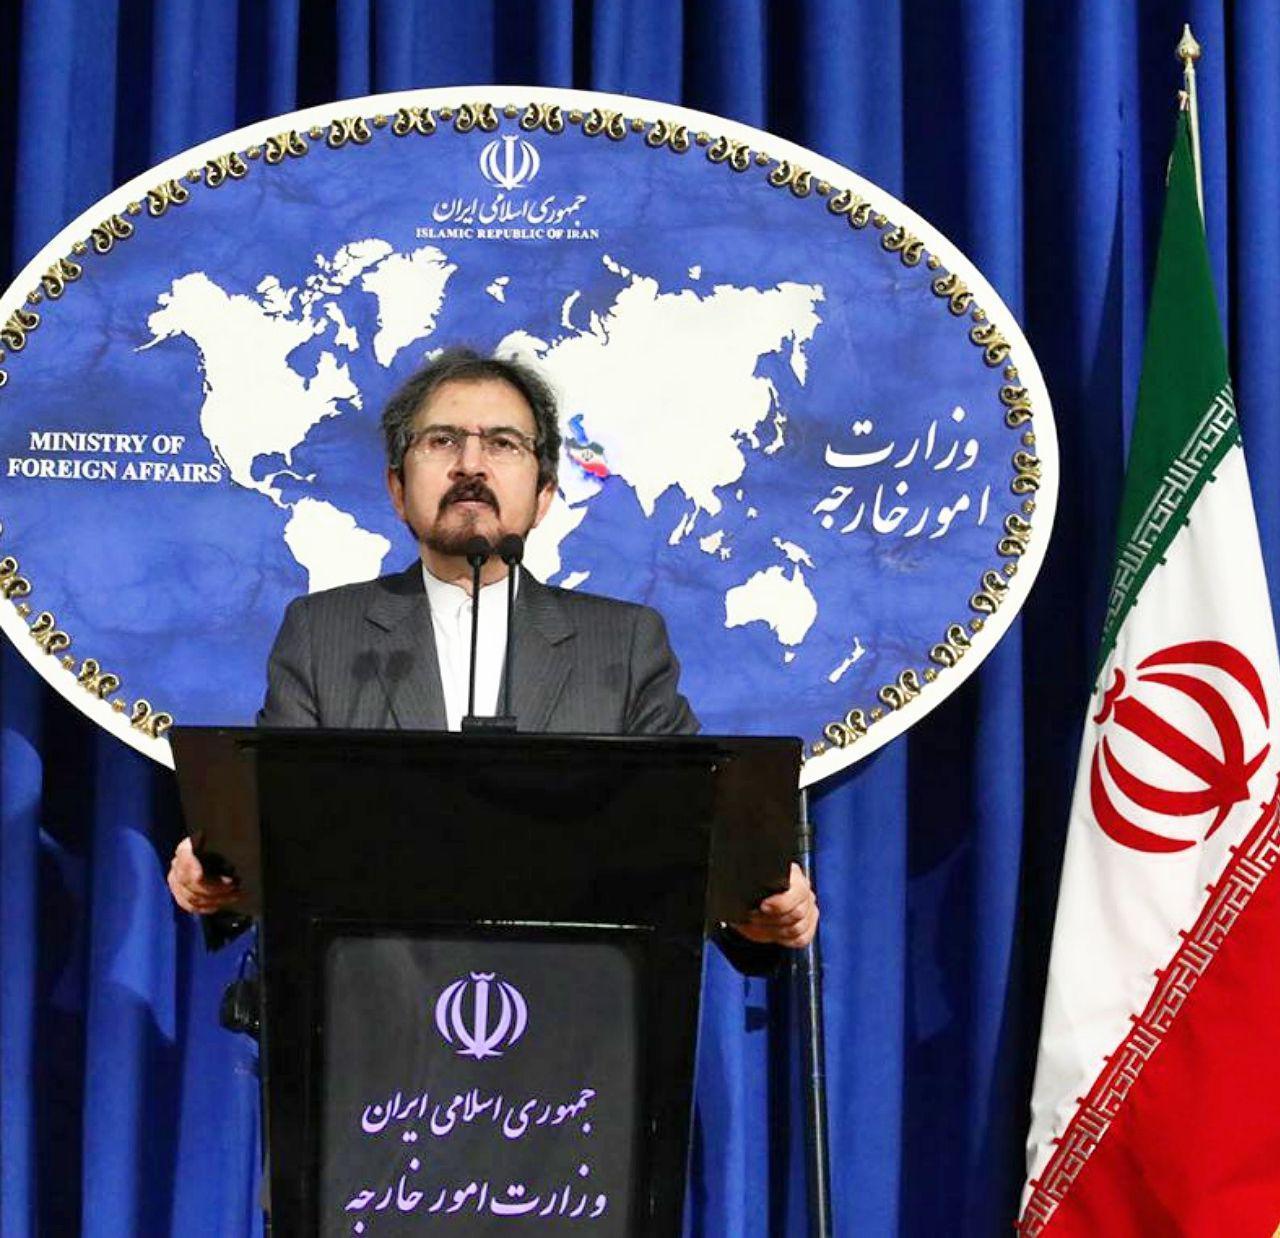 سخنگوی وزارت امور خارجه حمله تروریستی به مسجدی در کابل را محکوم کرد